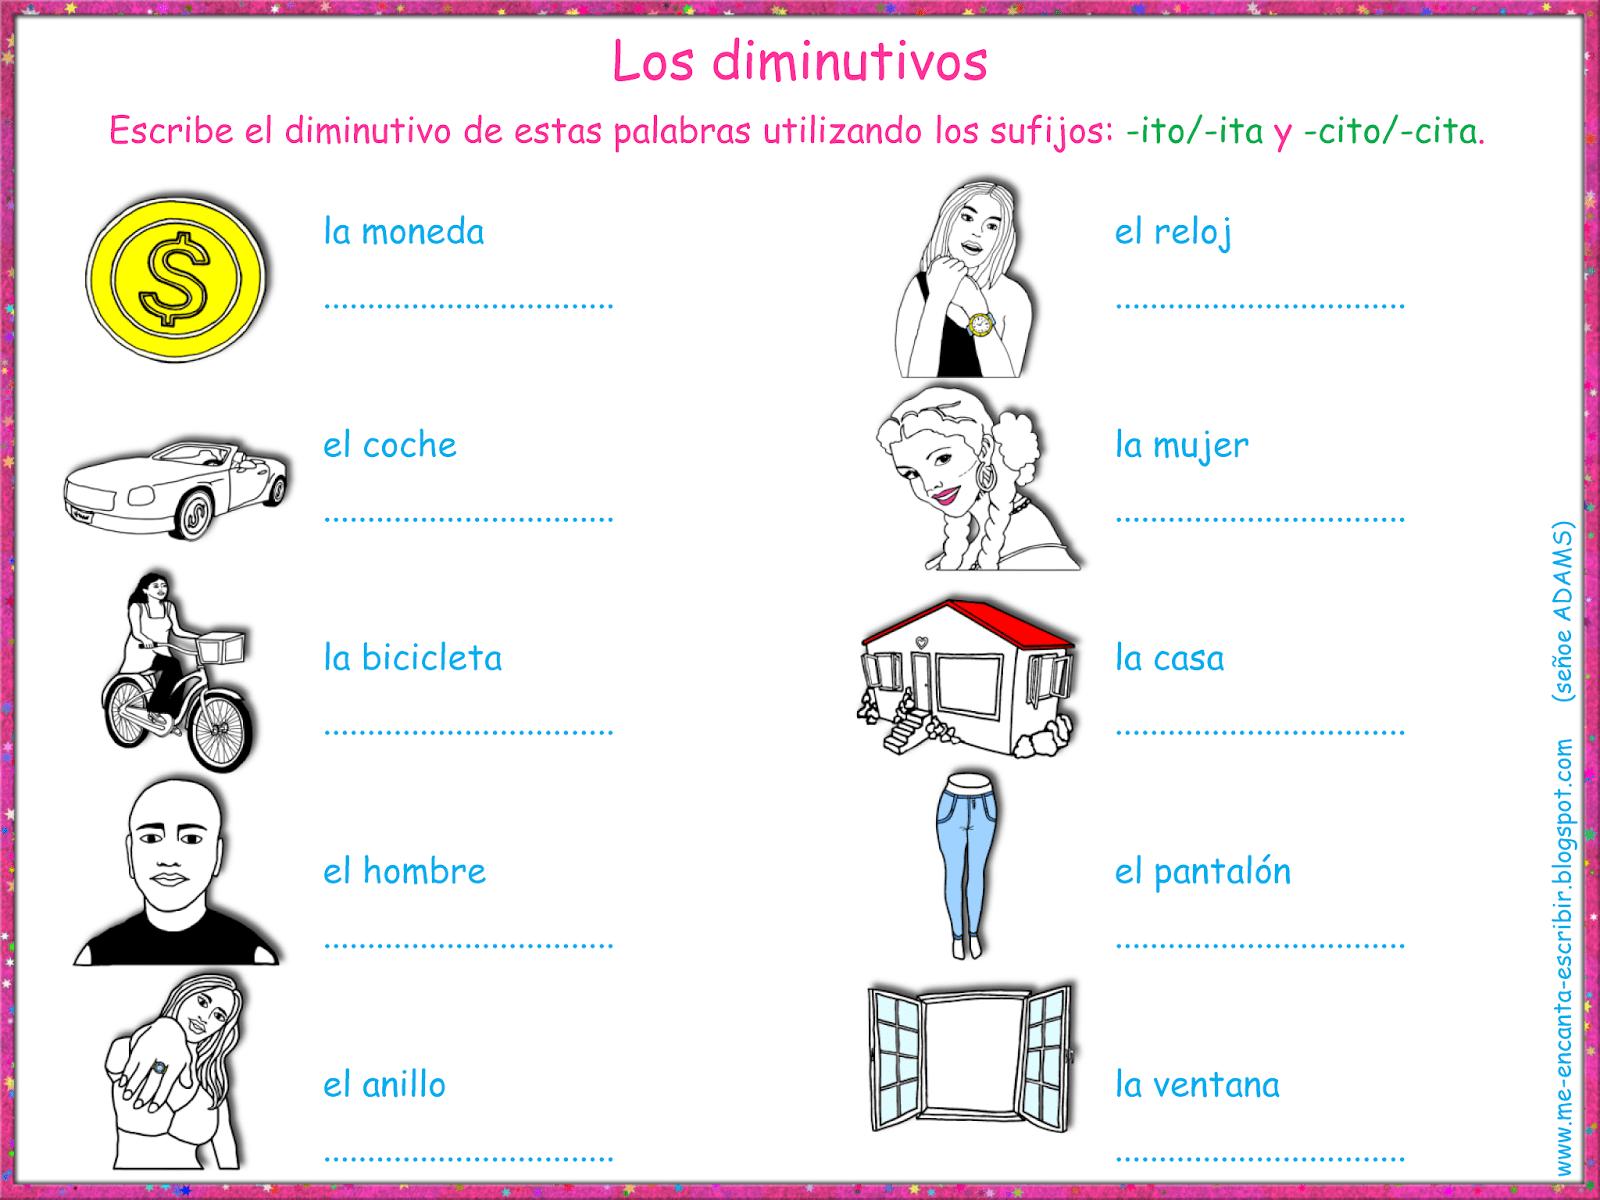 Me Encanta Escribir En Espanol Los Diminutivos Espanol